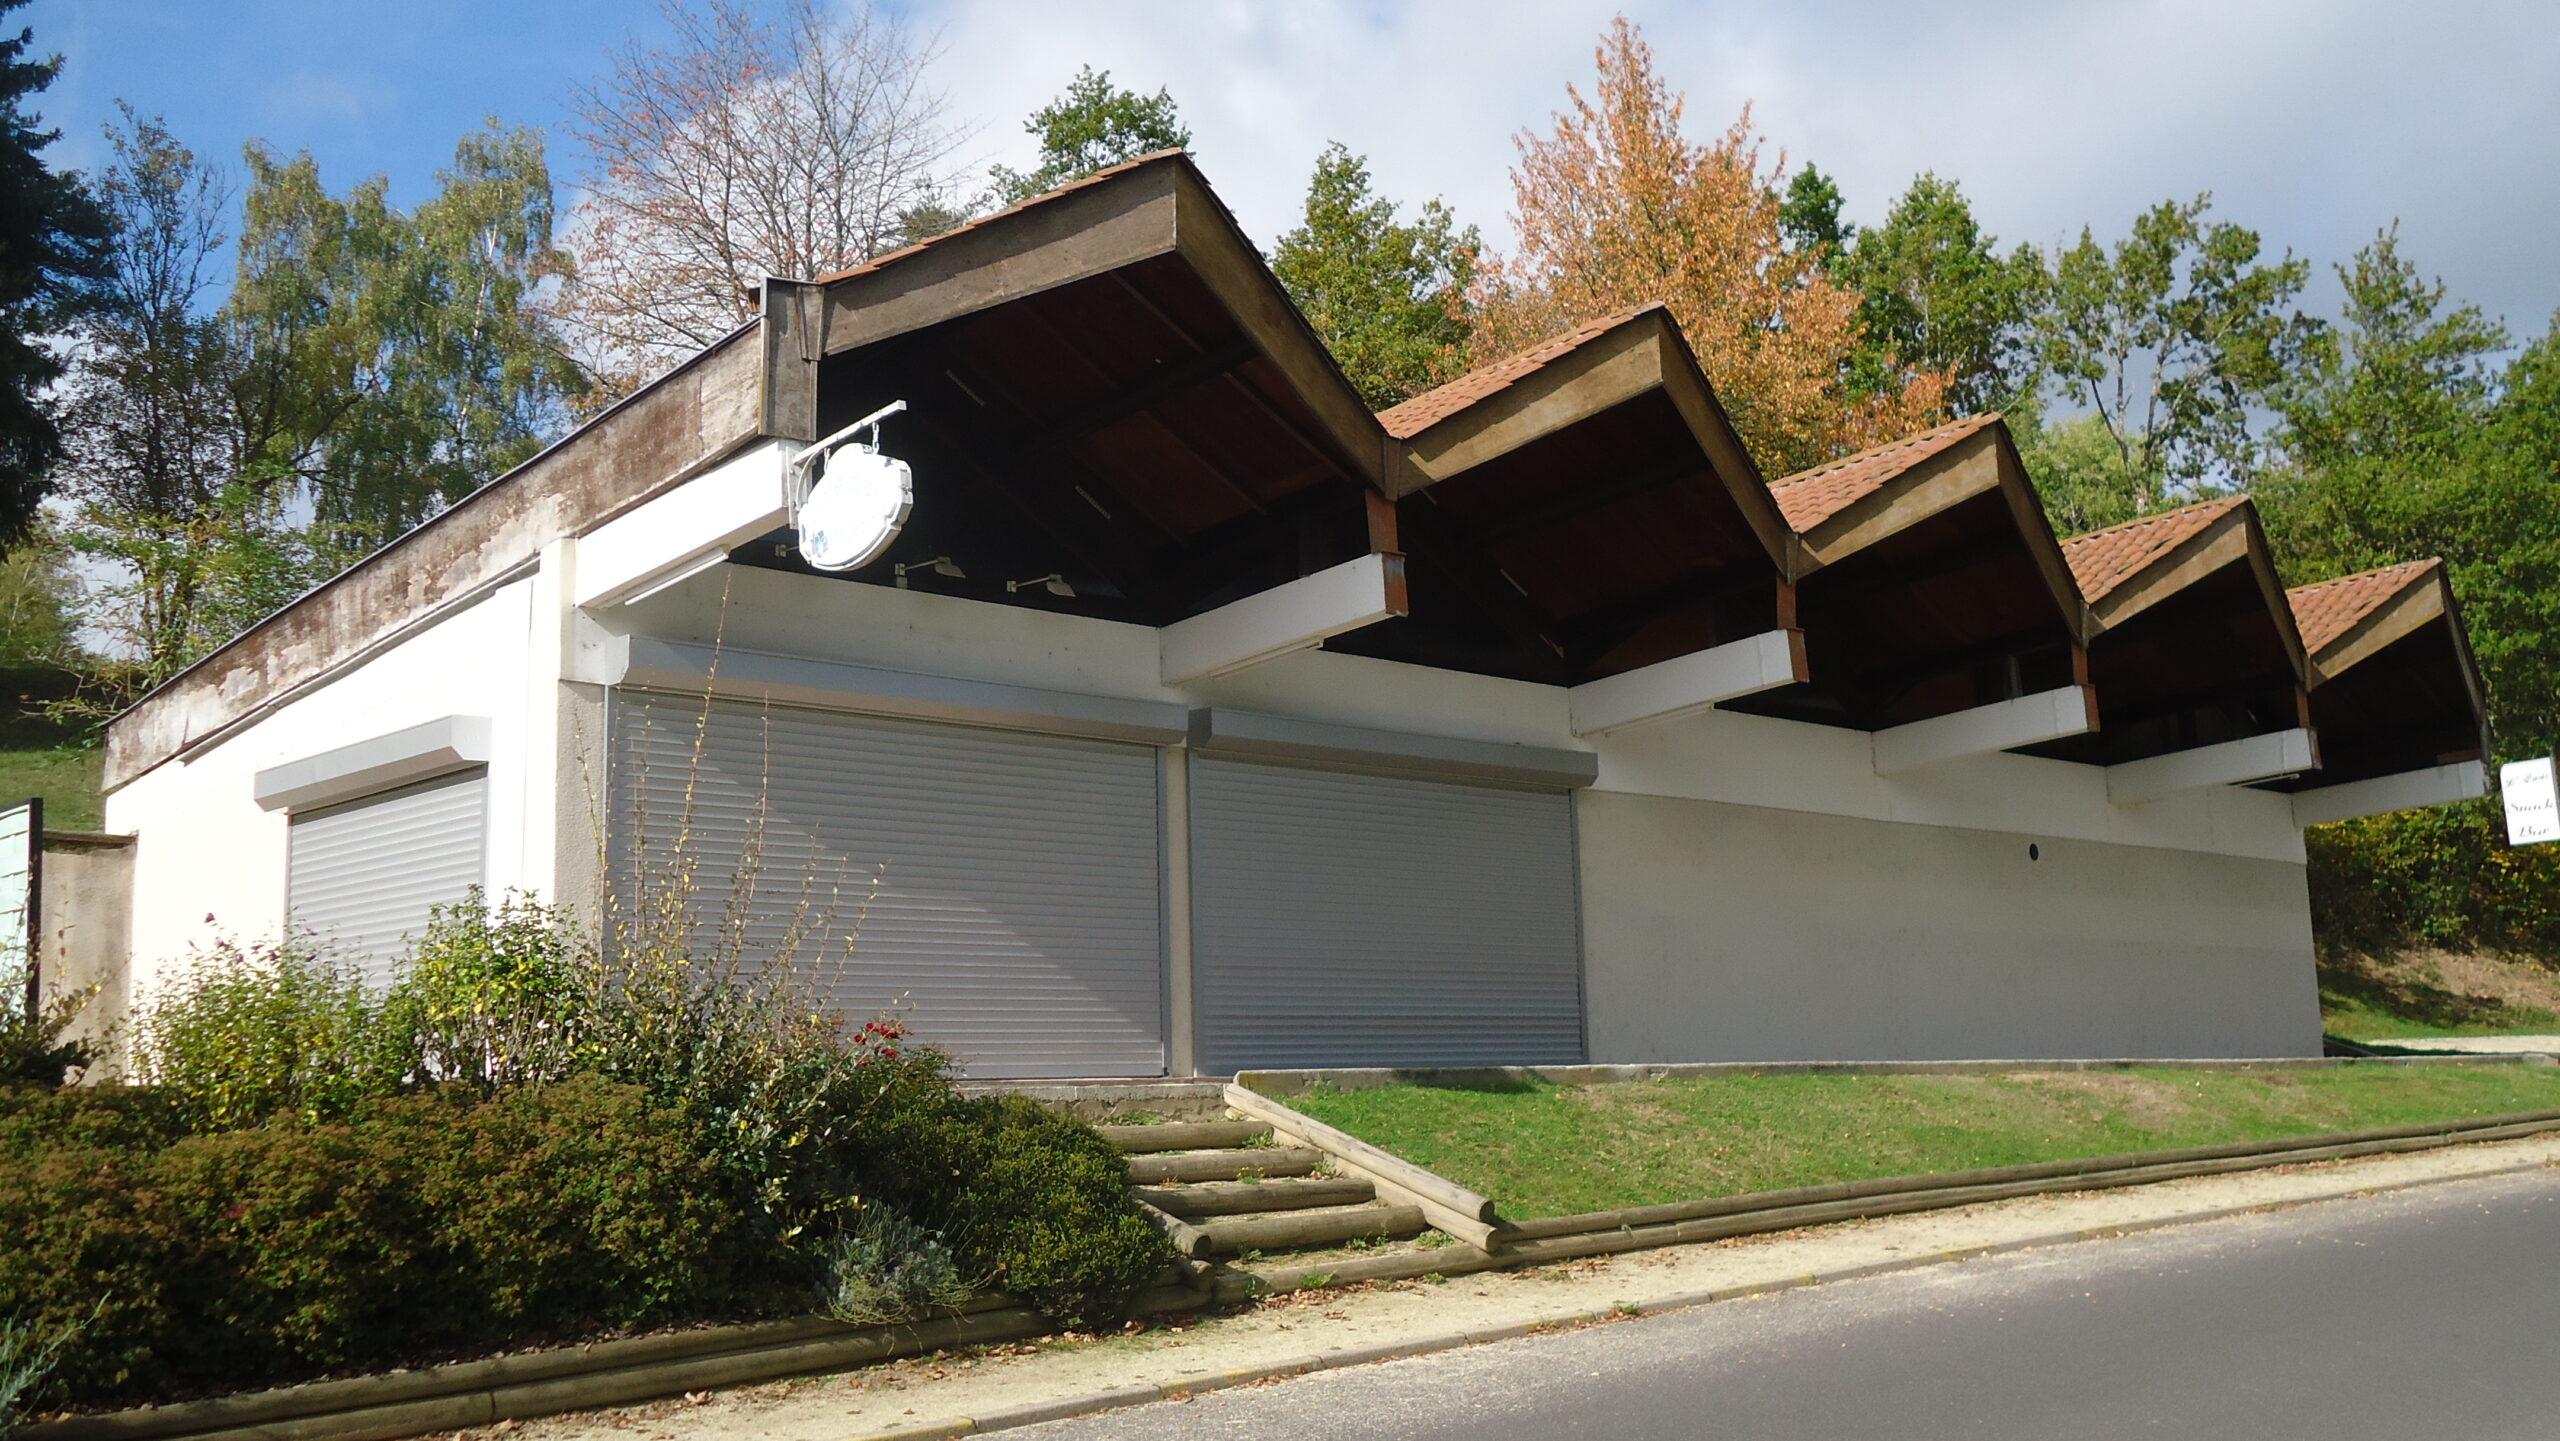 Local et logement à vendre Plan d'eau St Rémy sur Durolle / REF1258